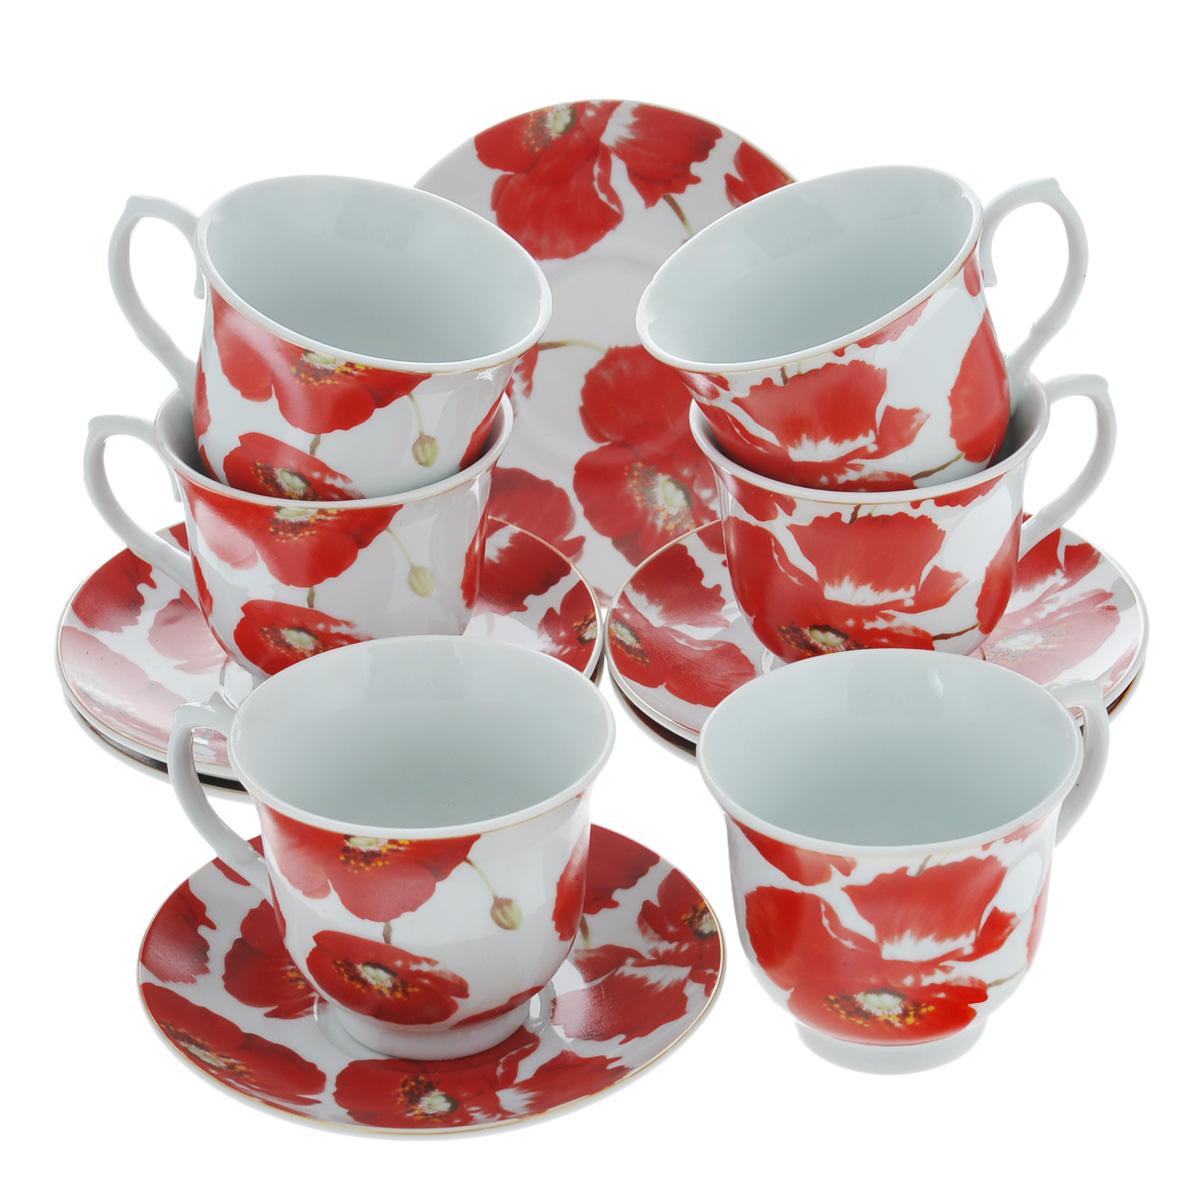 Набор чайный Bekker, 12 предметов. BK-5977BK-5977Чайный набор Bekker состоит из шести чашек и шести блюдец. Предметы набора изготовлены из высококачественного фарфора белого цвета и украшены ярким изображением красных маков. Чайный набор яркого и в тоже время лаконичного дизайна украсит интерьер кухни и сделает ежедневное чаепитие настоящим праздником. Набор упакован в круглую подарочную картонную коробку золотистого цвета. Подходит для мытья в посудомоечной машине. Объем чашки: 220 мл. Диаметр чашки (по верхнему краю): 9 см. Высота чашки: 7,5 см. Диаметр блюдца: 14 см.